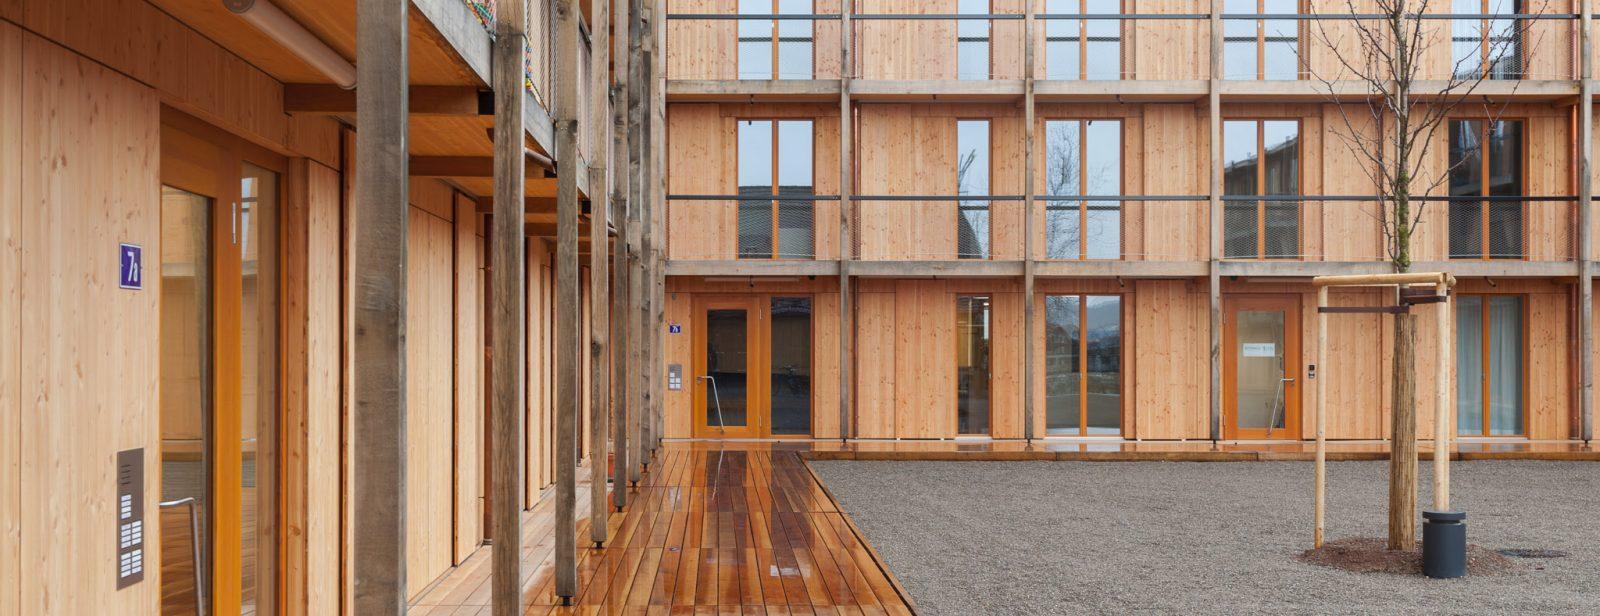 Überbauung Hagmannareal, Arbergstrasse 7-11, 8405 Winterthur